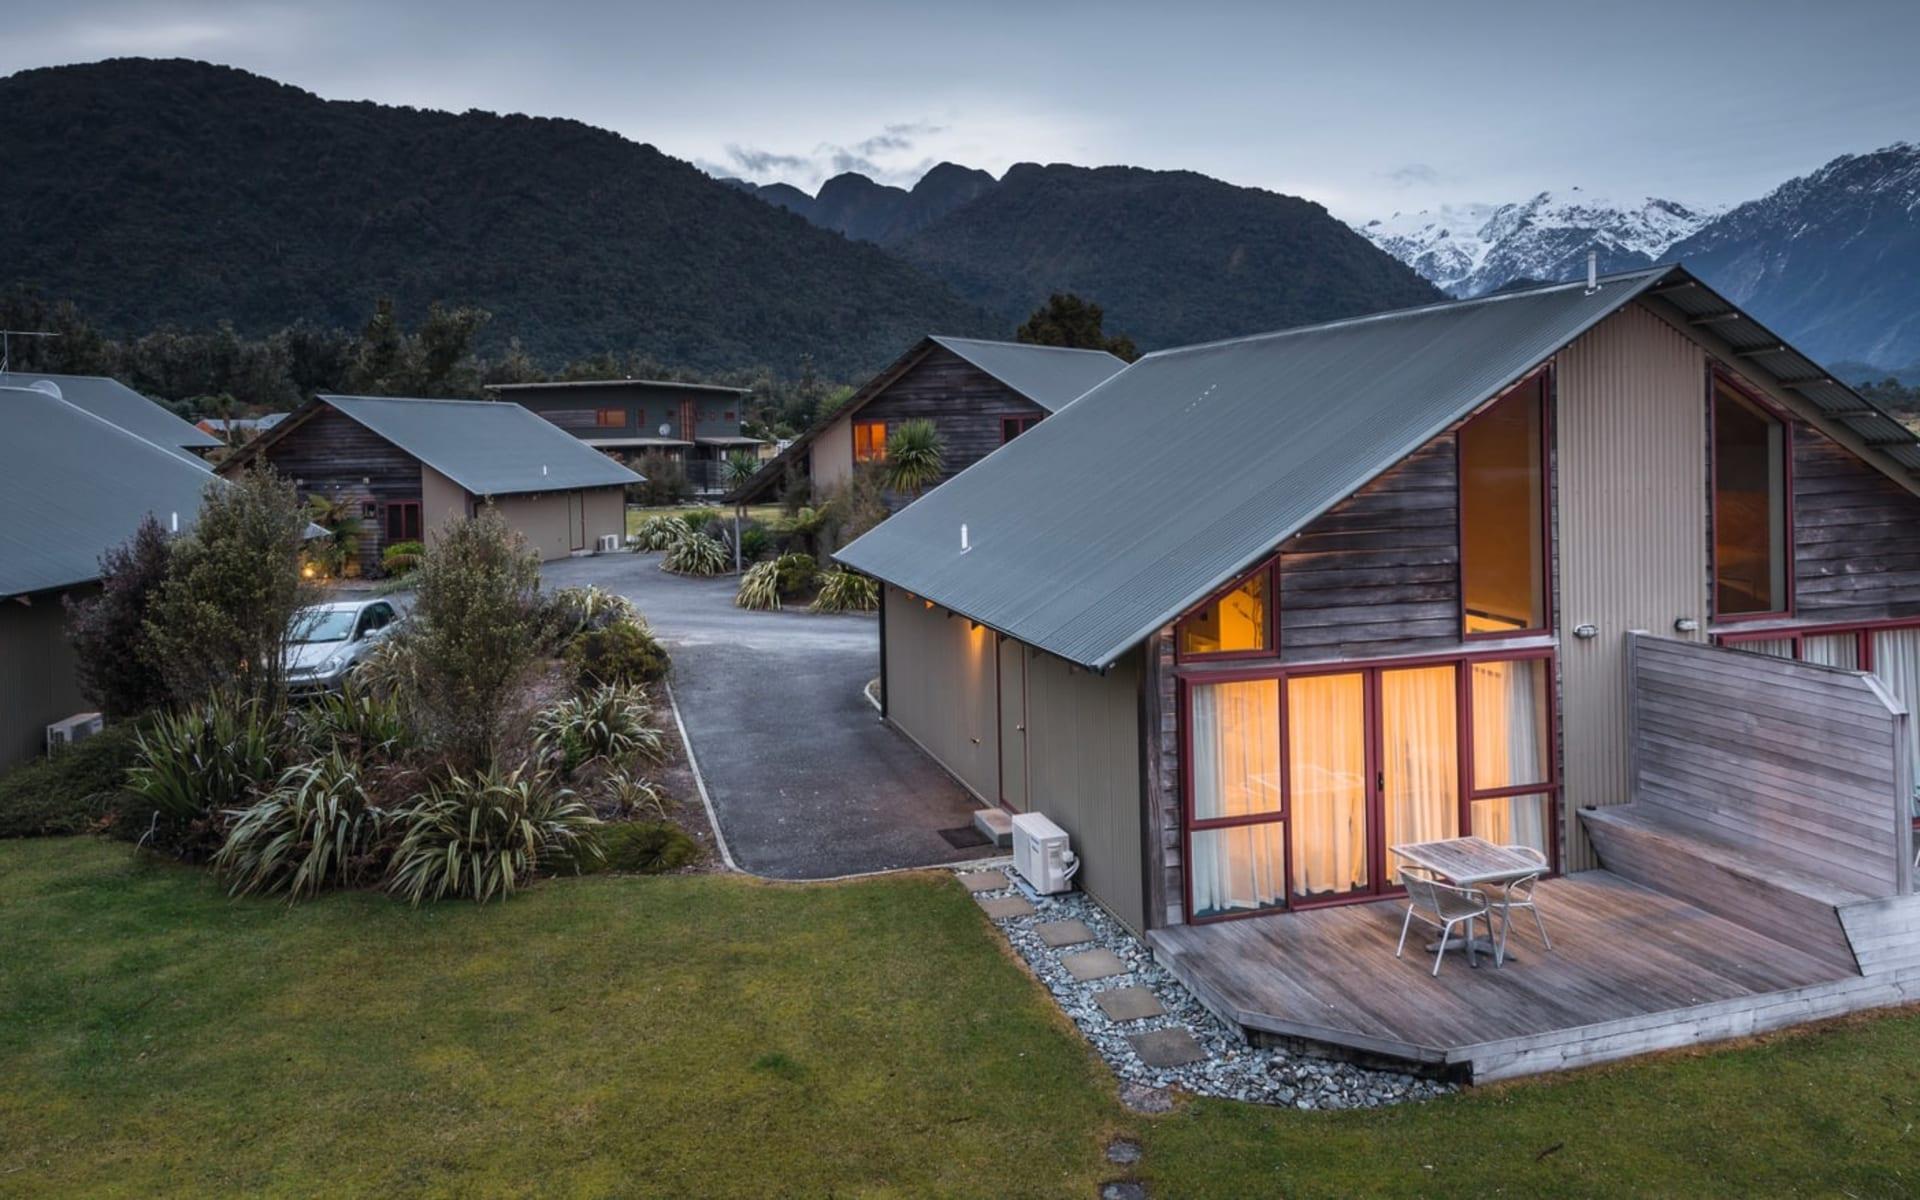 Glenfern Villas in Franz Josef:  Glenfern Villas - Blick auf Villa